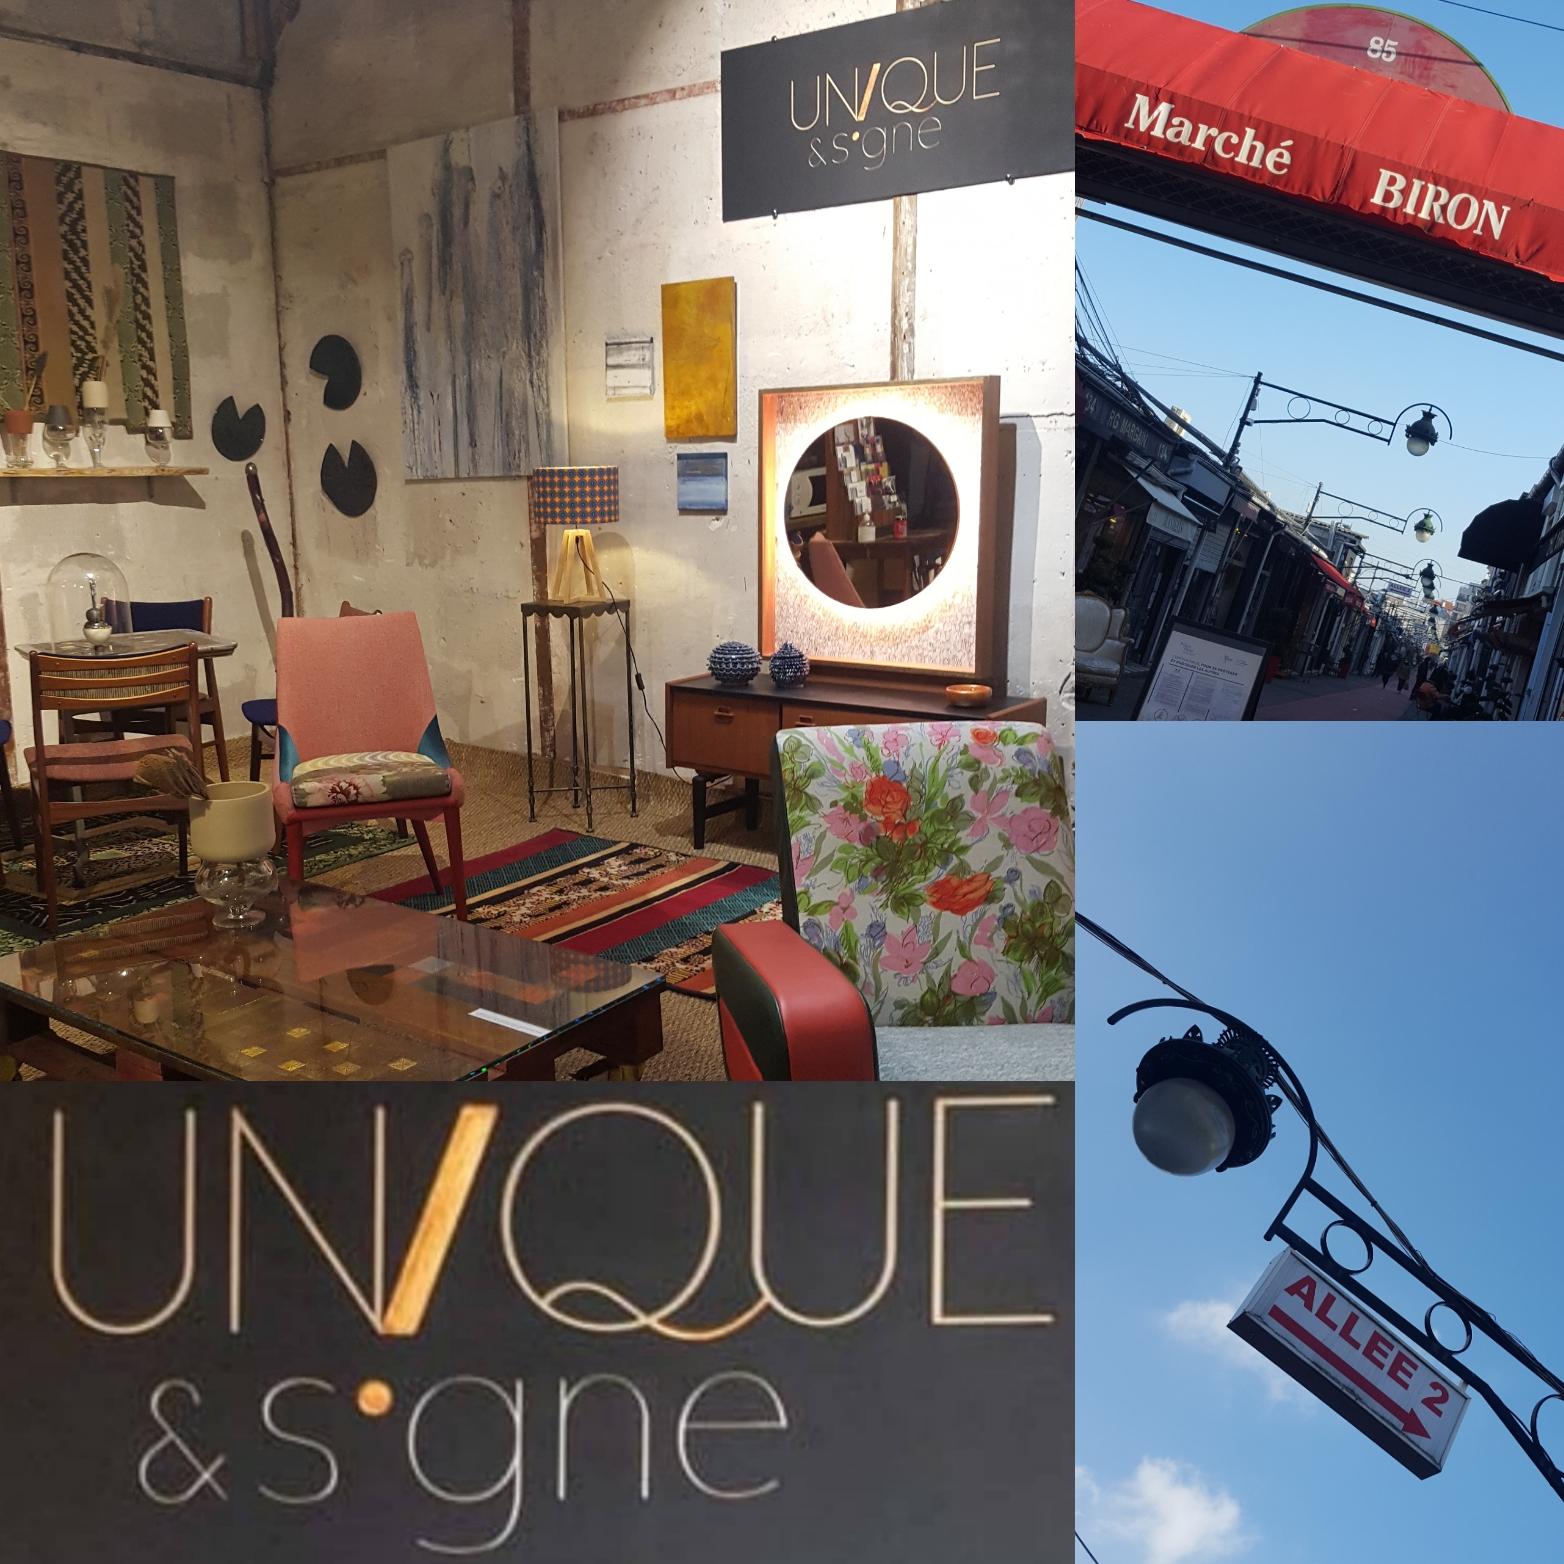 Unique-et-Signé-Anne-dAutruche-1 Expositions